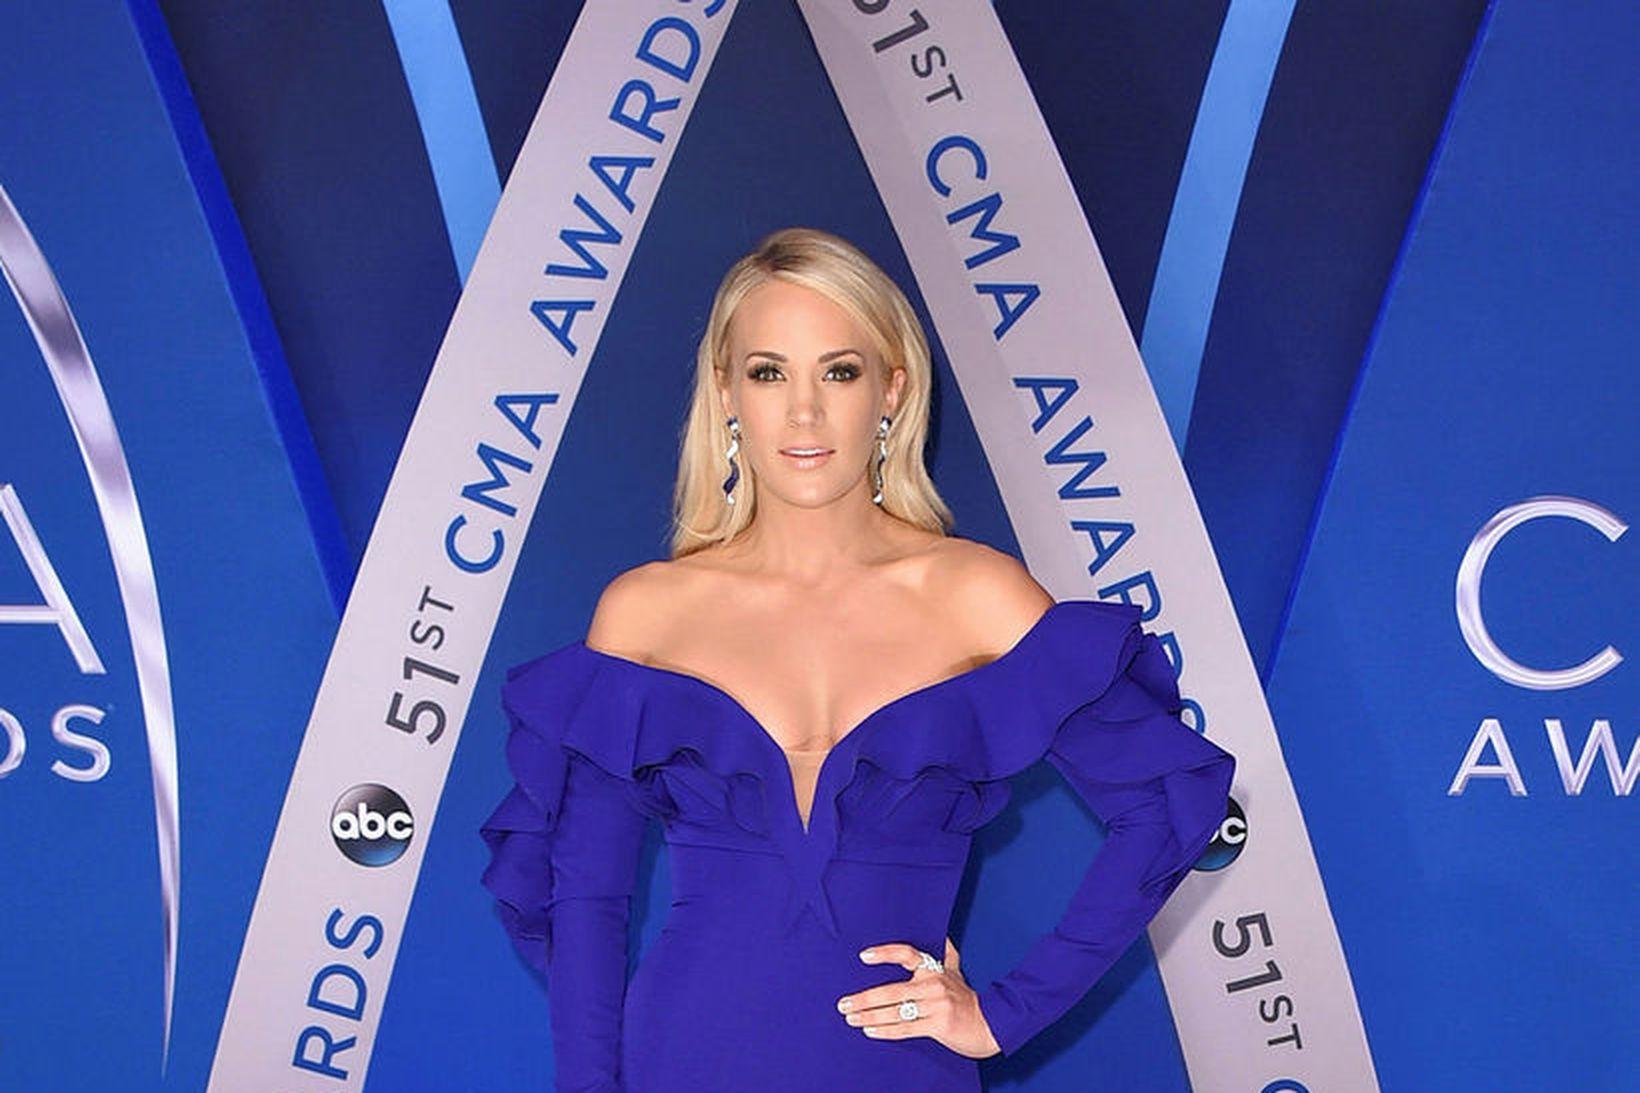 Carrie Underwood er ekki hrifin af lágkolvetnamataræði.